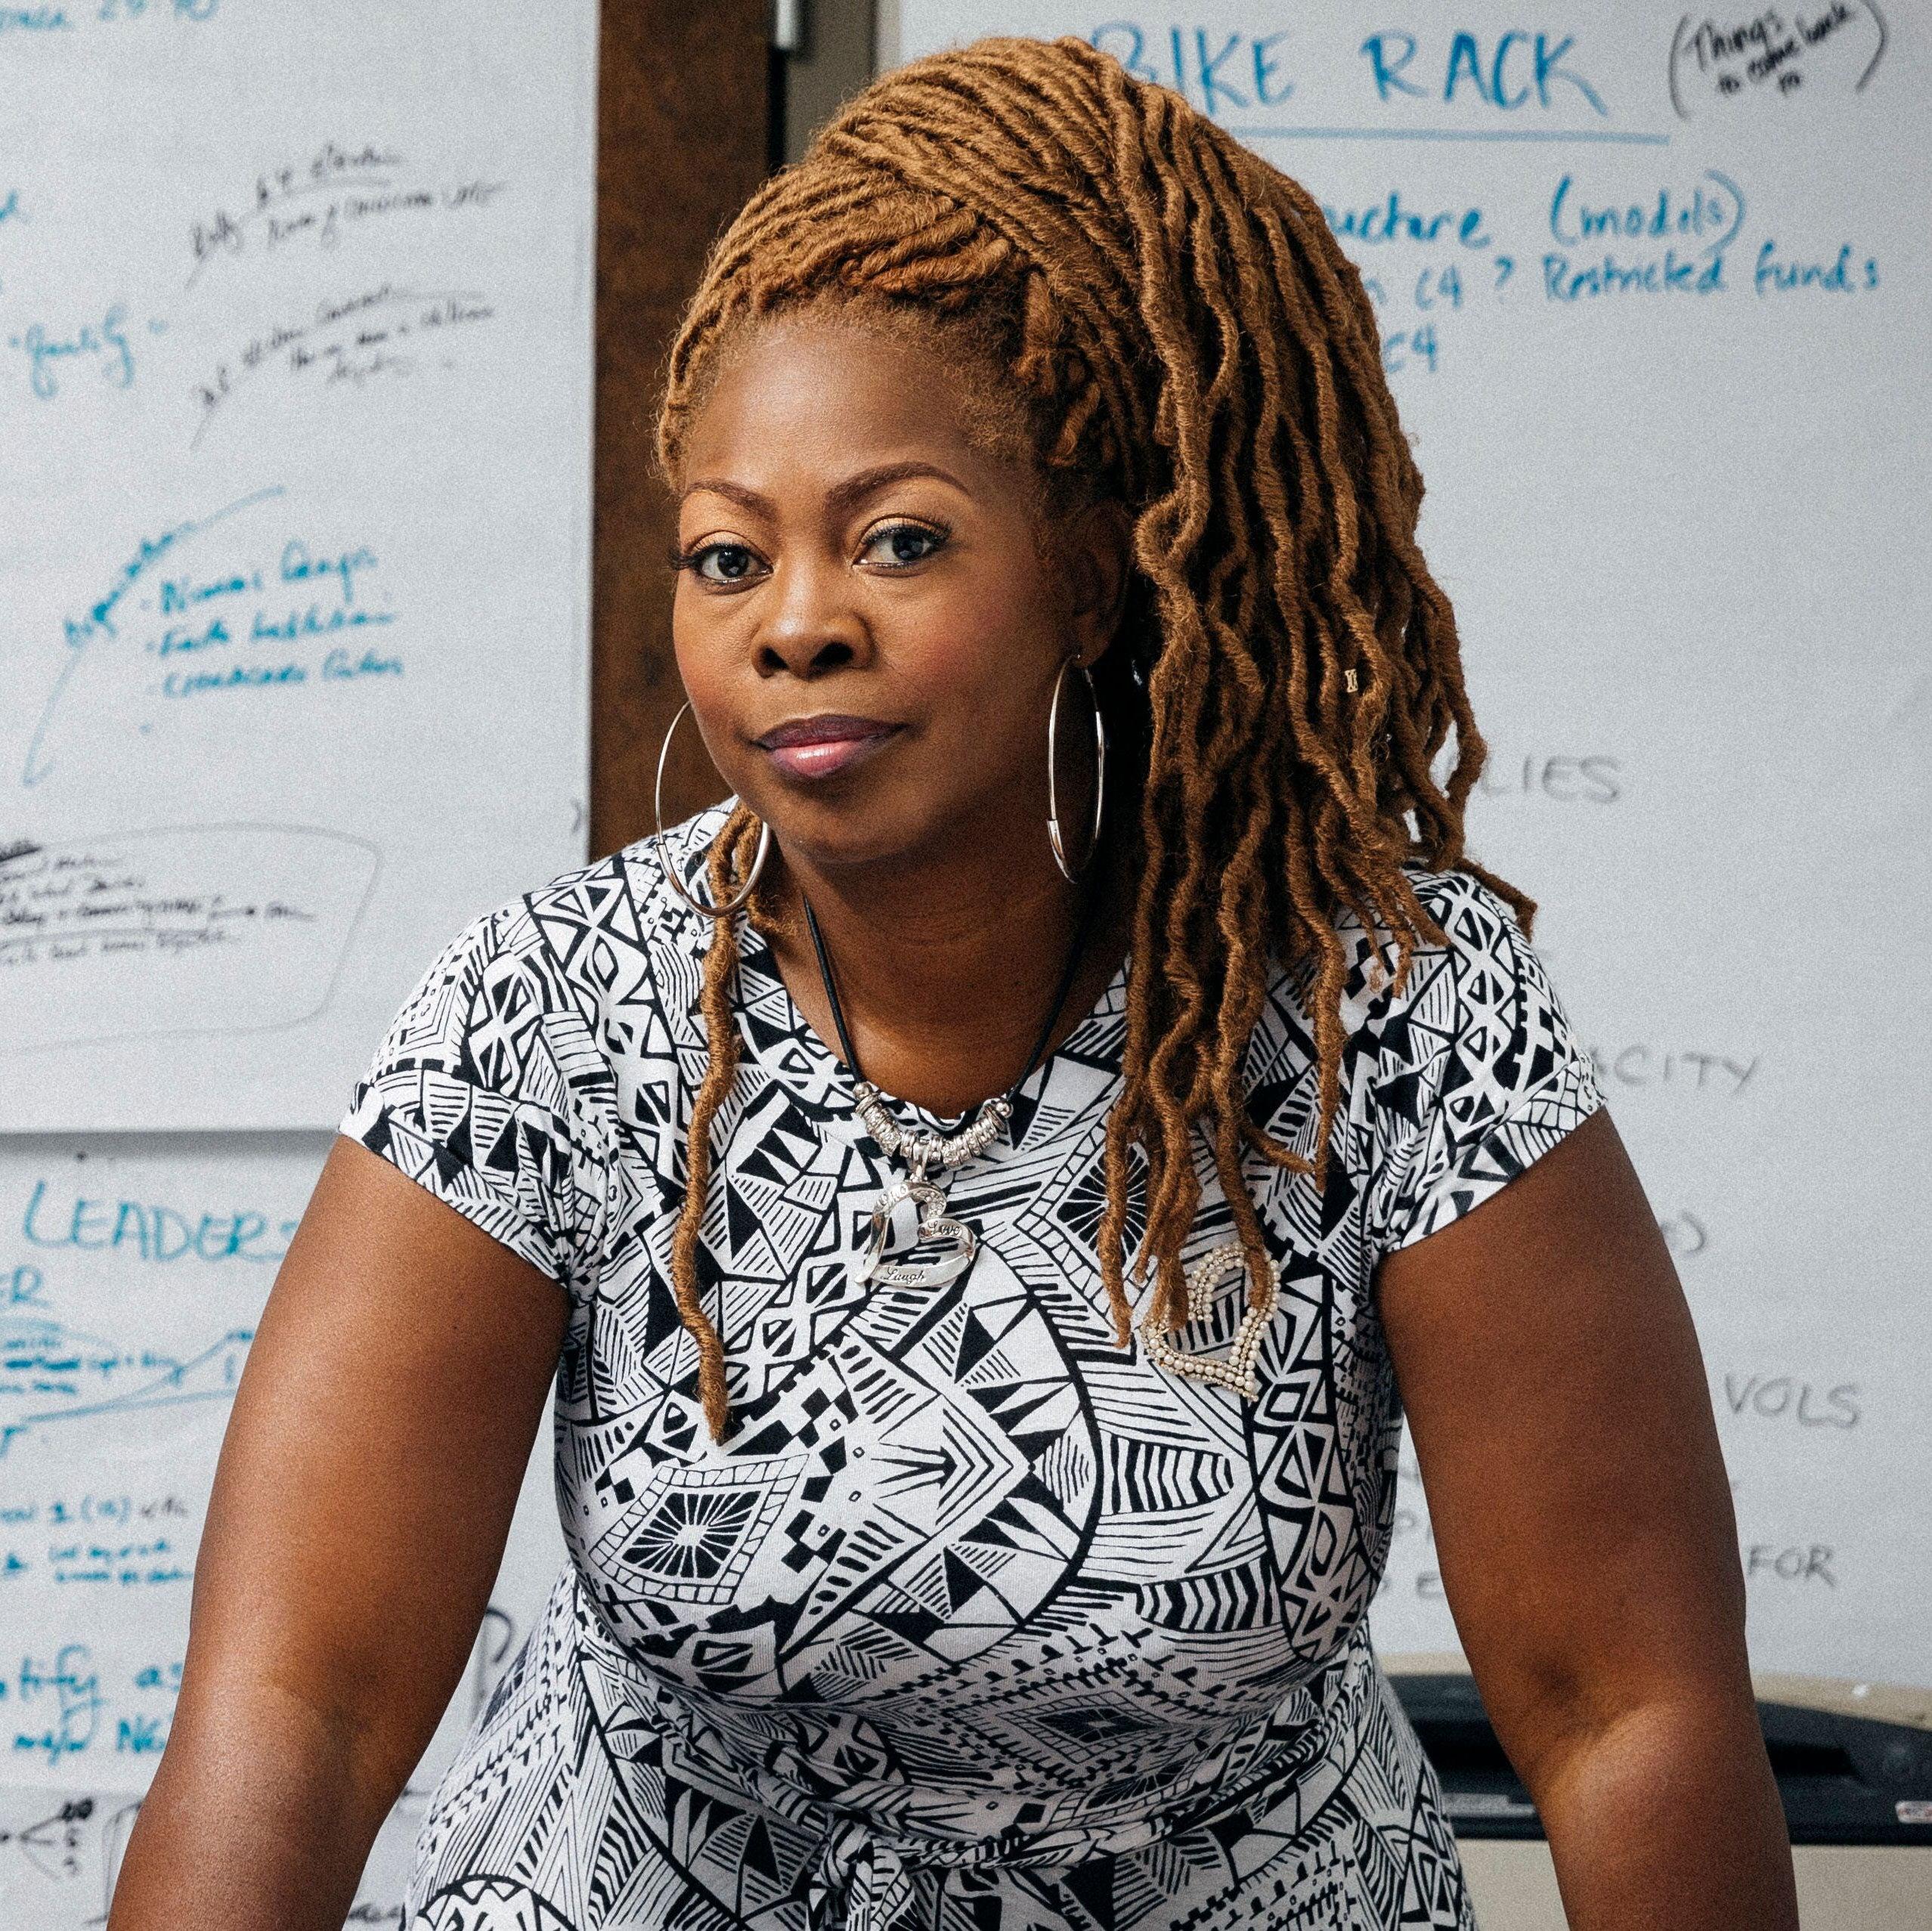 Latosha Brown - Black Voters Matter